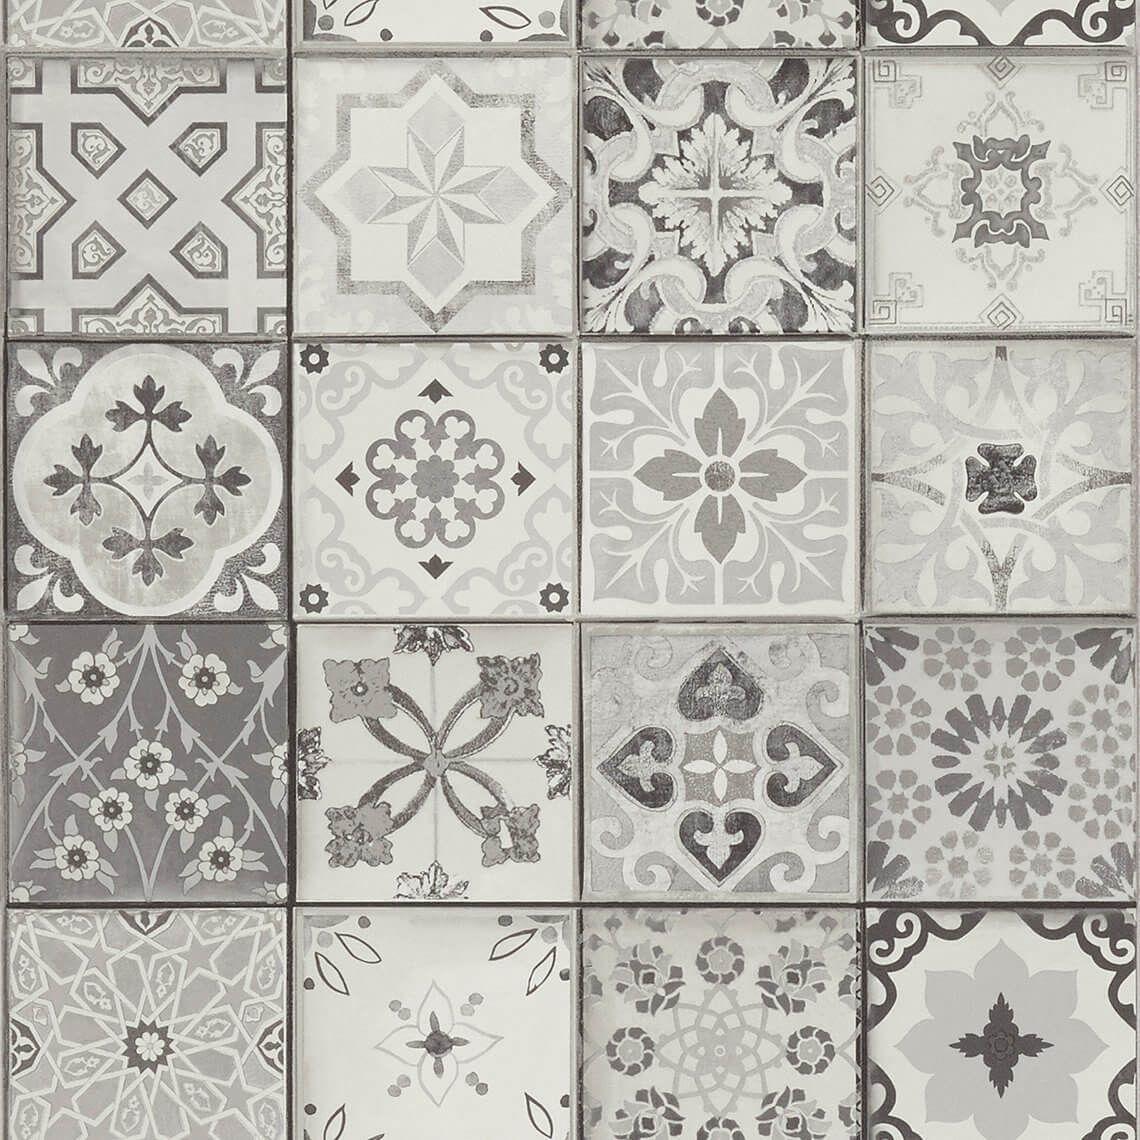 Papier Peint Carreaux Vinyle Sur Intisse Imitation Carreaux De Ciment Gris Papier Peint Imitation Carreaux De Ciment Papier Peint Saint Maclou